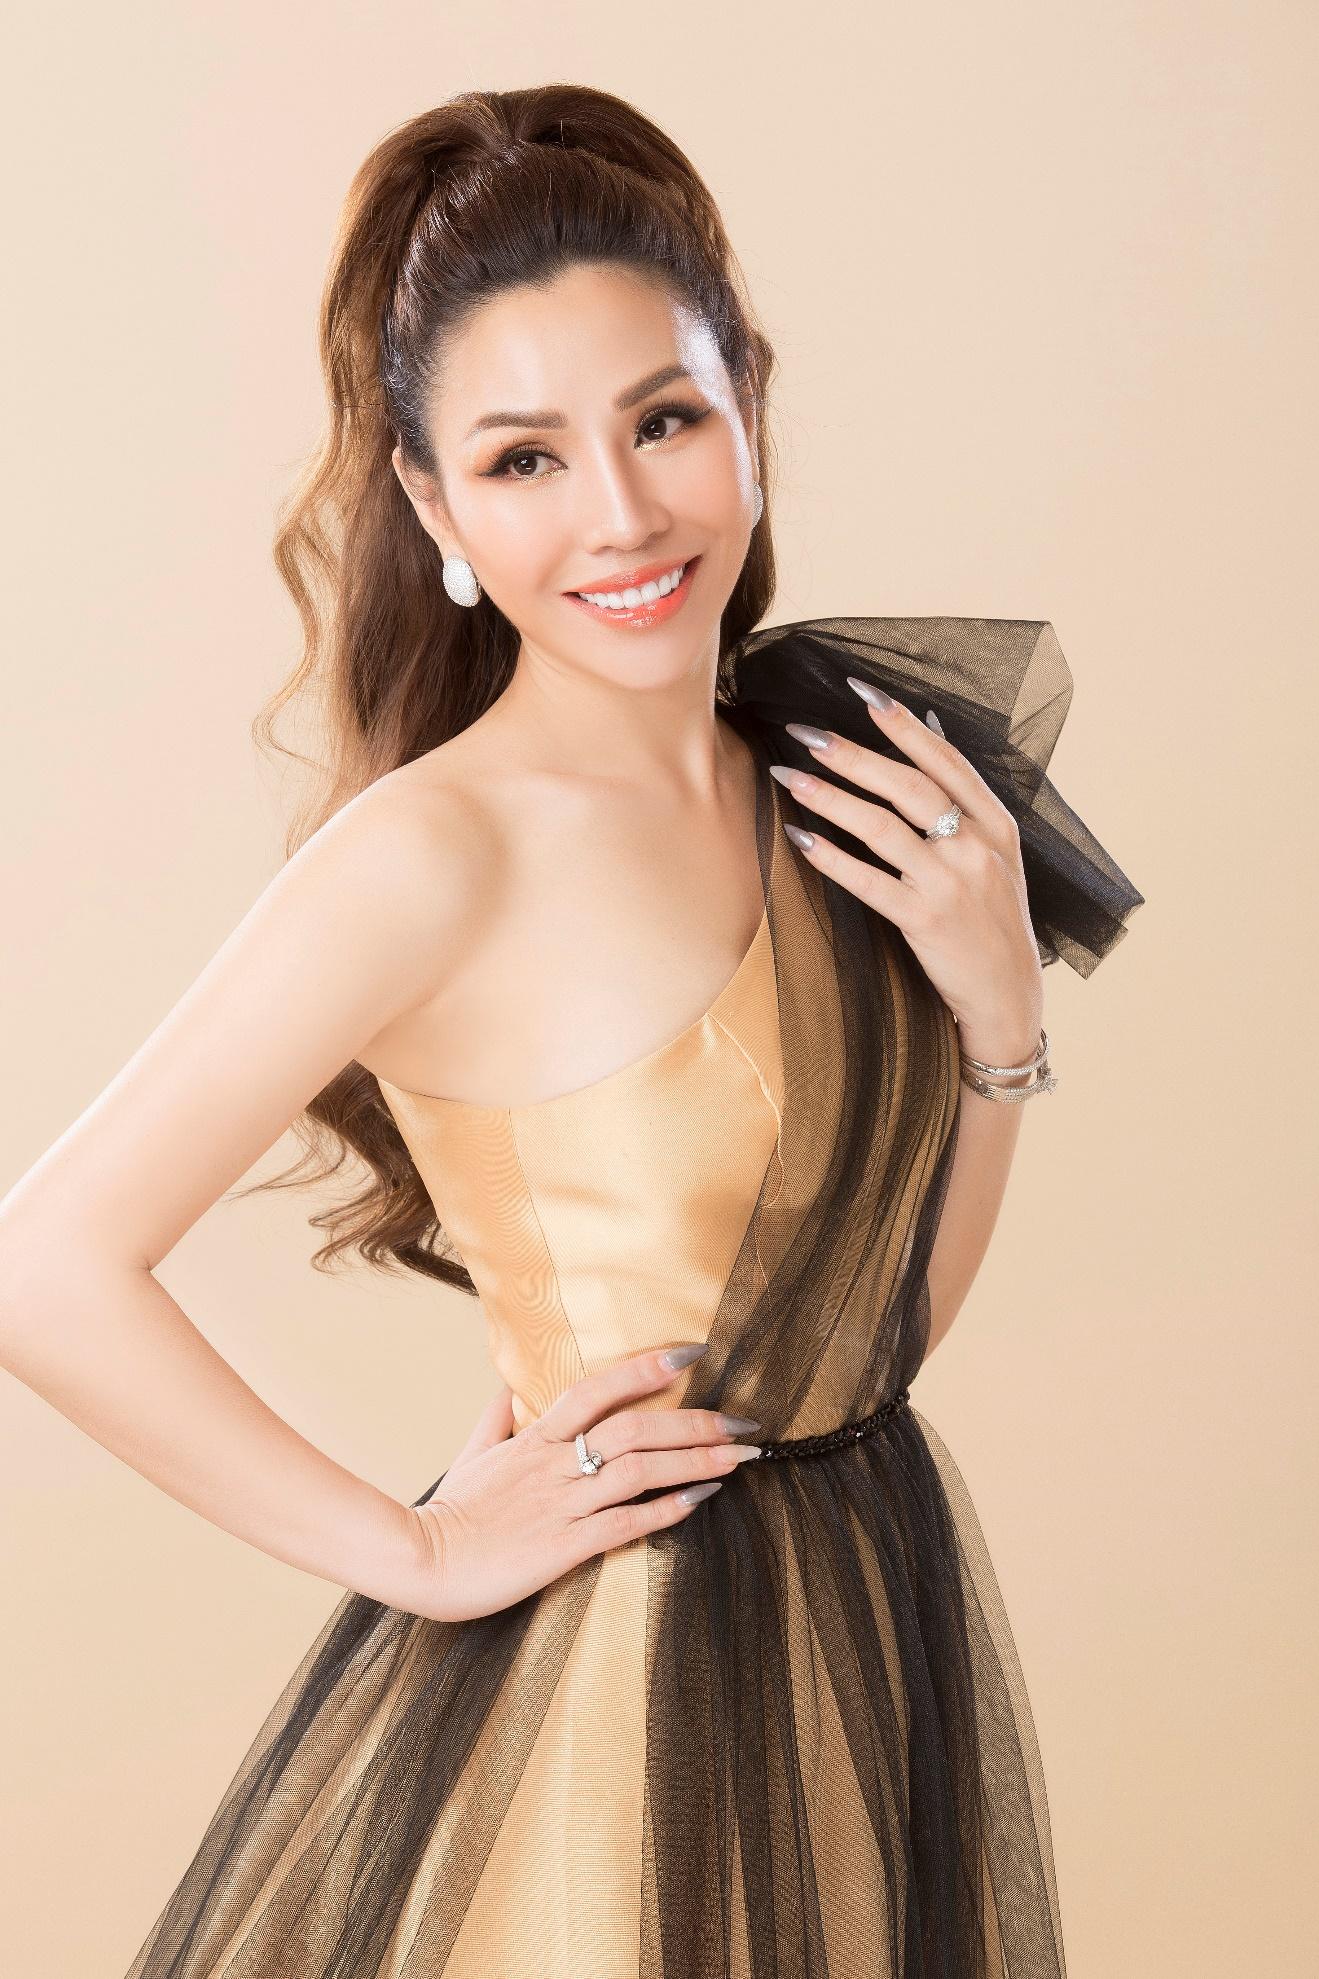 Doanh nhân Thanh Xuân đạt danh hiệu Á hậu 1 Doanh nhân Toàn năng châu Á 2021.